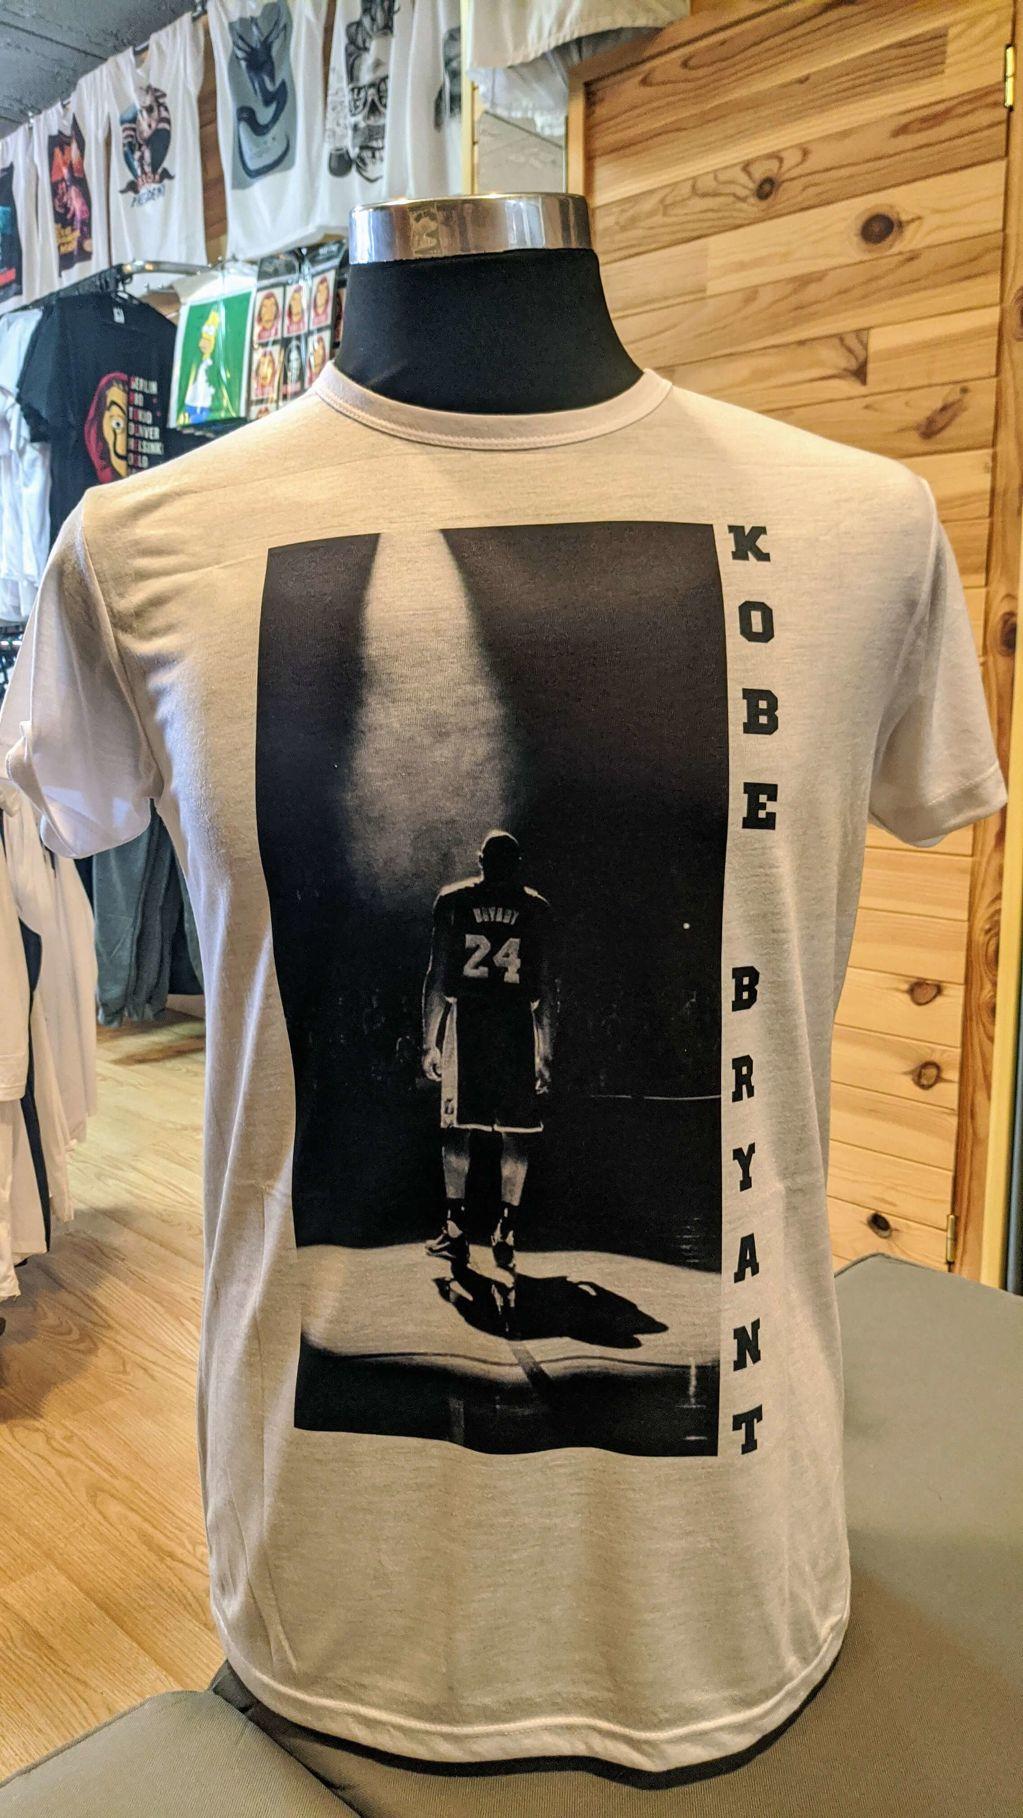 Kobe Bryant - ba463-camiseta-kobe-bryant-2.jpg